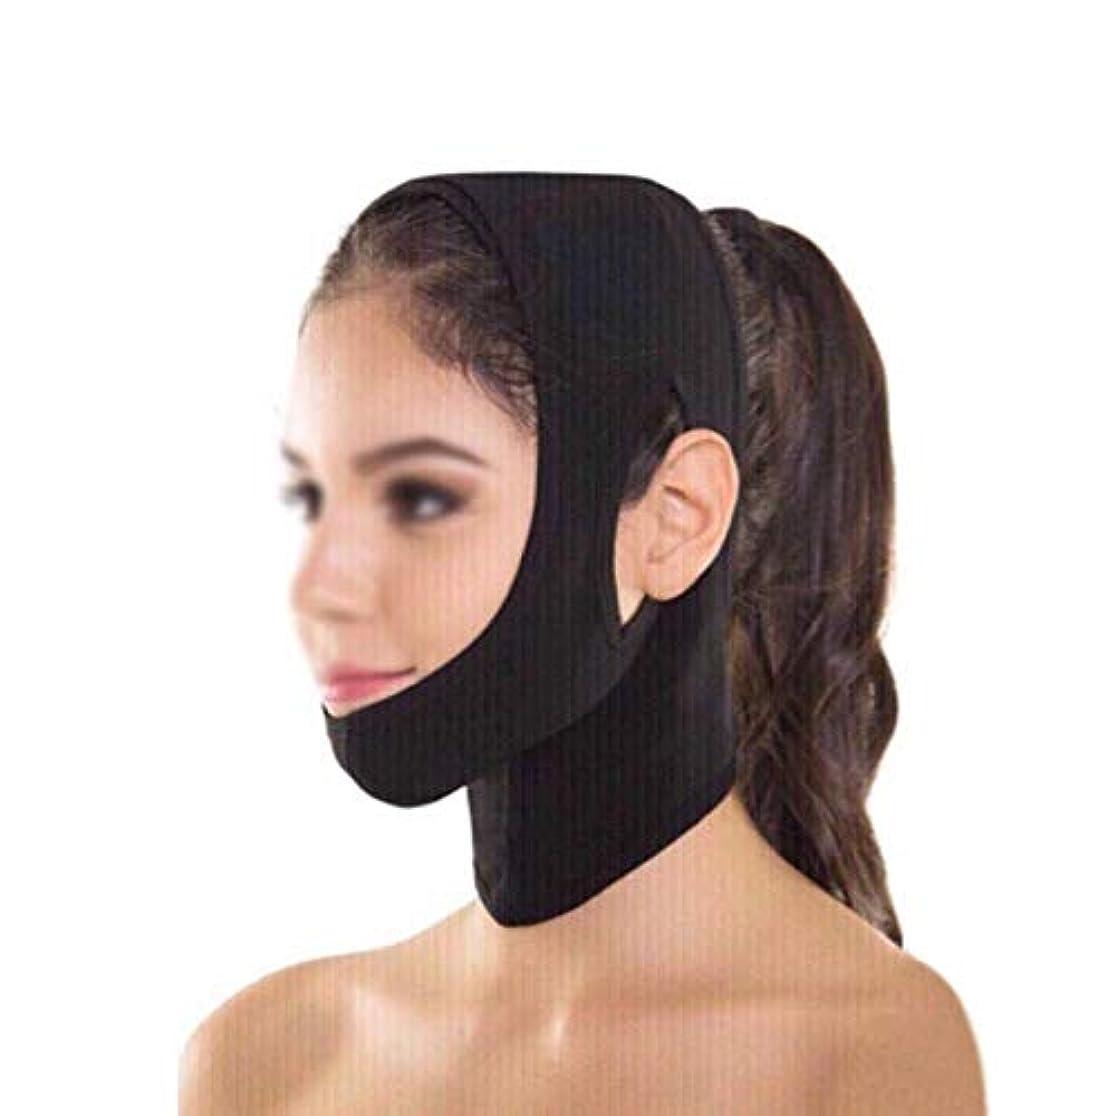 速度原告素晴らしきフェイスリフティングバンデージ、フェイスリフティングマスク、顔面の首と首を持ち上げる、顔を持ち上げて二重あごを減らす(フリーサイズ)(カラー:カーキ色),ブラック